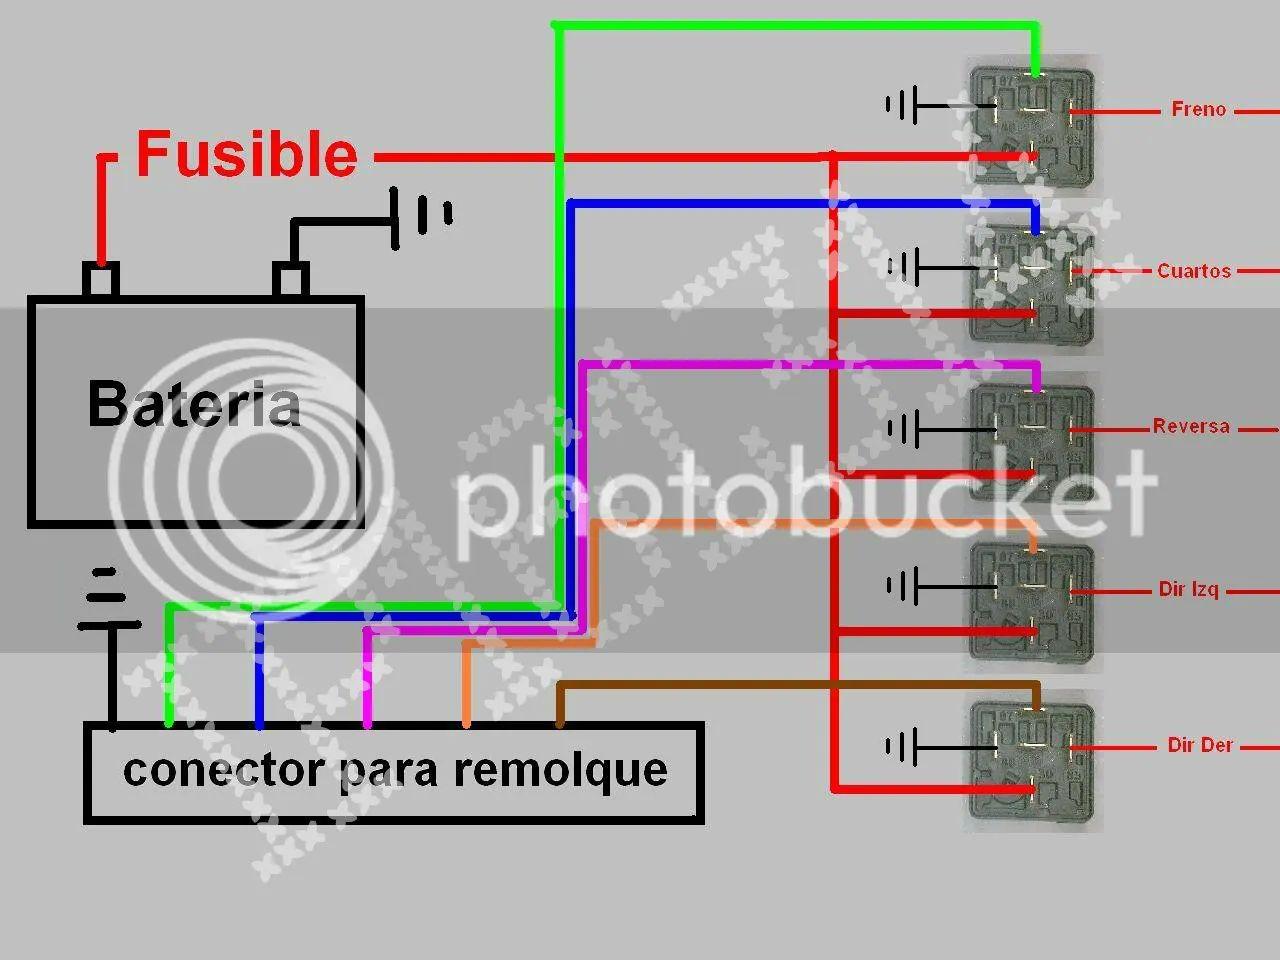 diagrama para cableado elctico de remoque